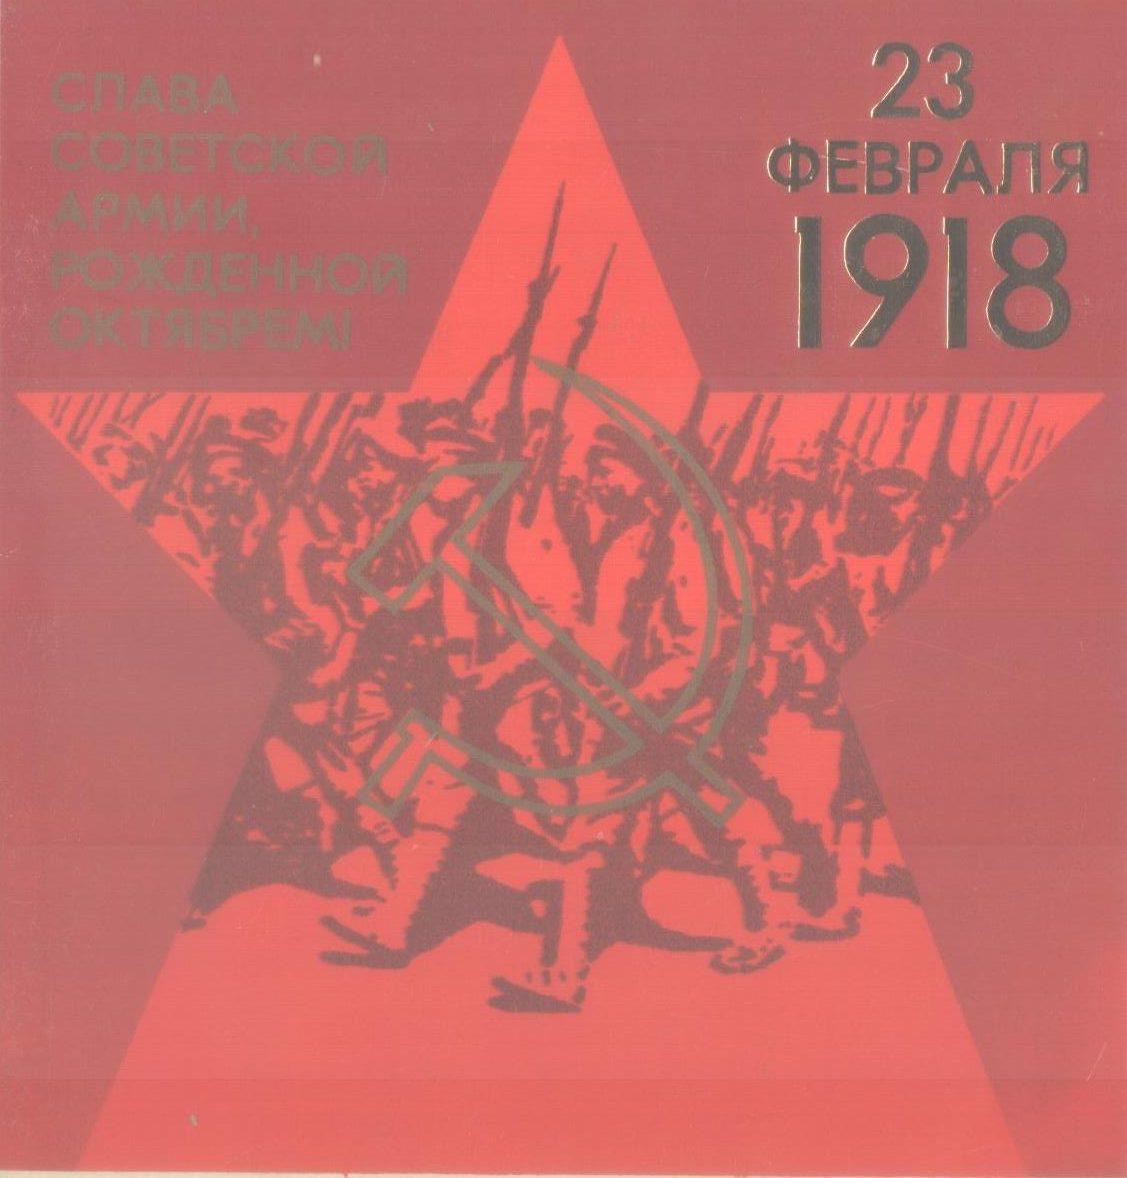 Открытка. 23 февраля 1918. Художник И. Брижатюк.